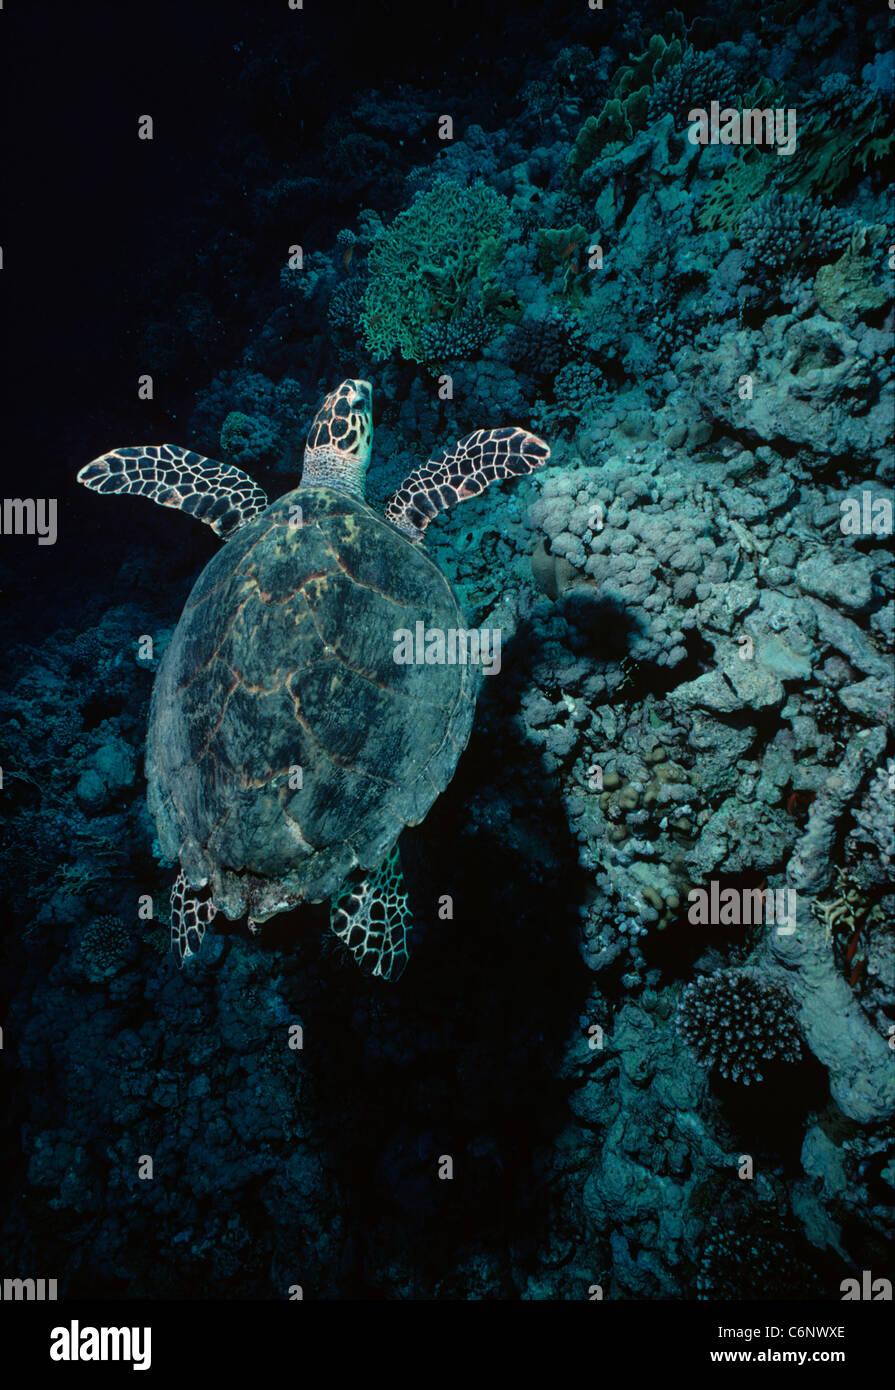 La tortuga carey (Eretmochelys imbricata) nadando cerca de un arrecife de coral en la noche. Egipto, el Mar Rojo. Imagen De Stock